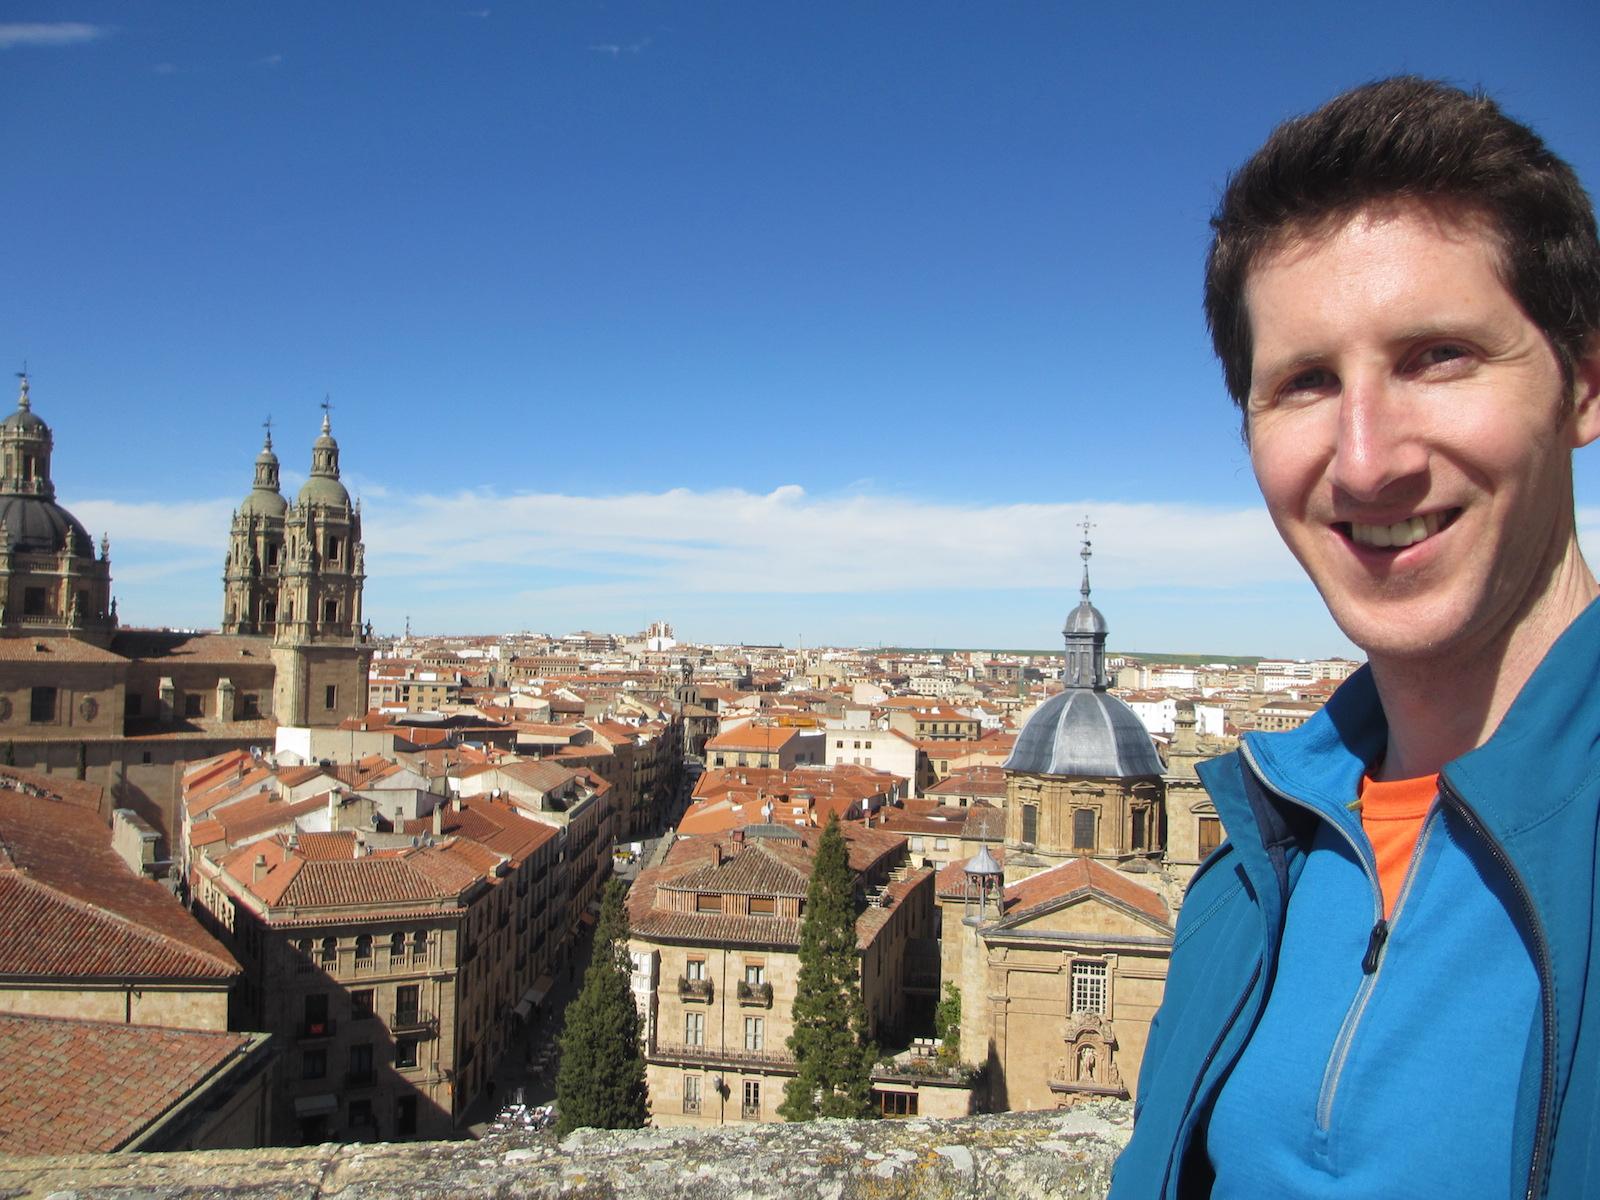 Nathan at Salamanca